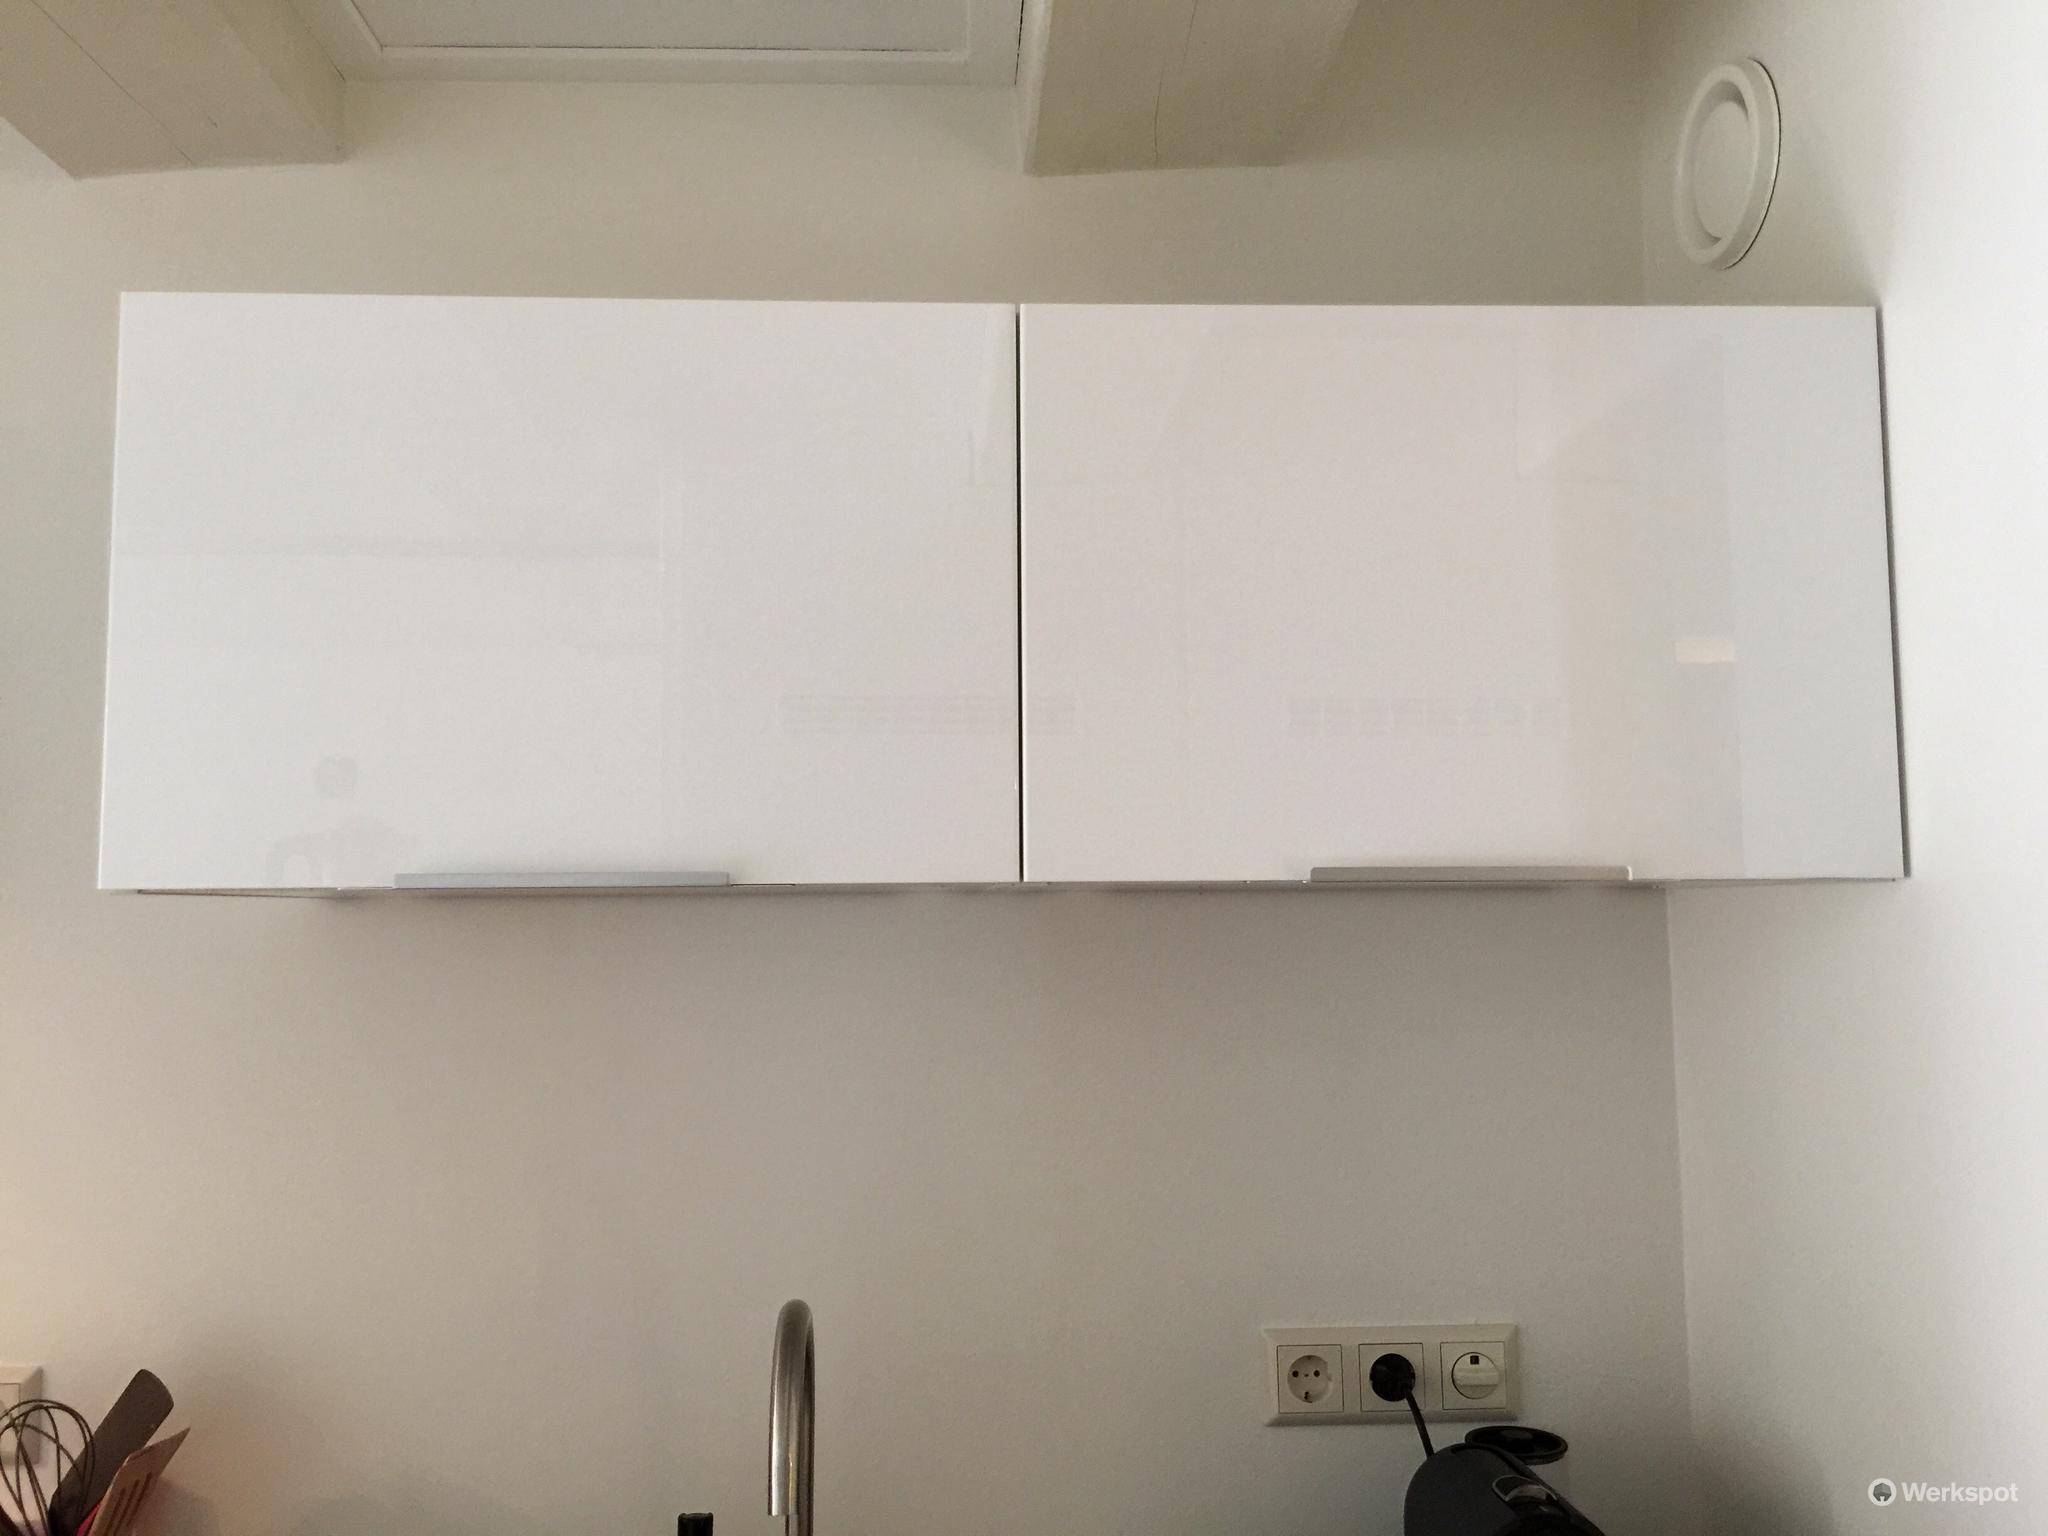 Bovenkast Keuken Ikea : Ikea keuken bovenkast plaatsen werkspot